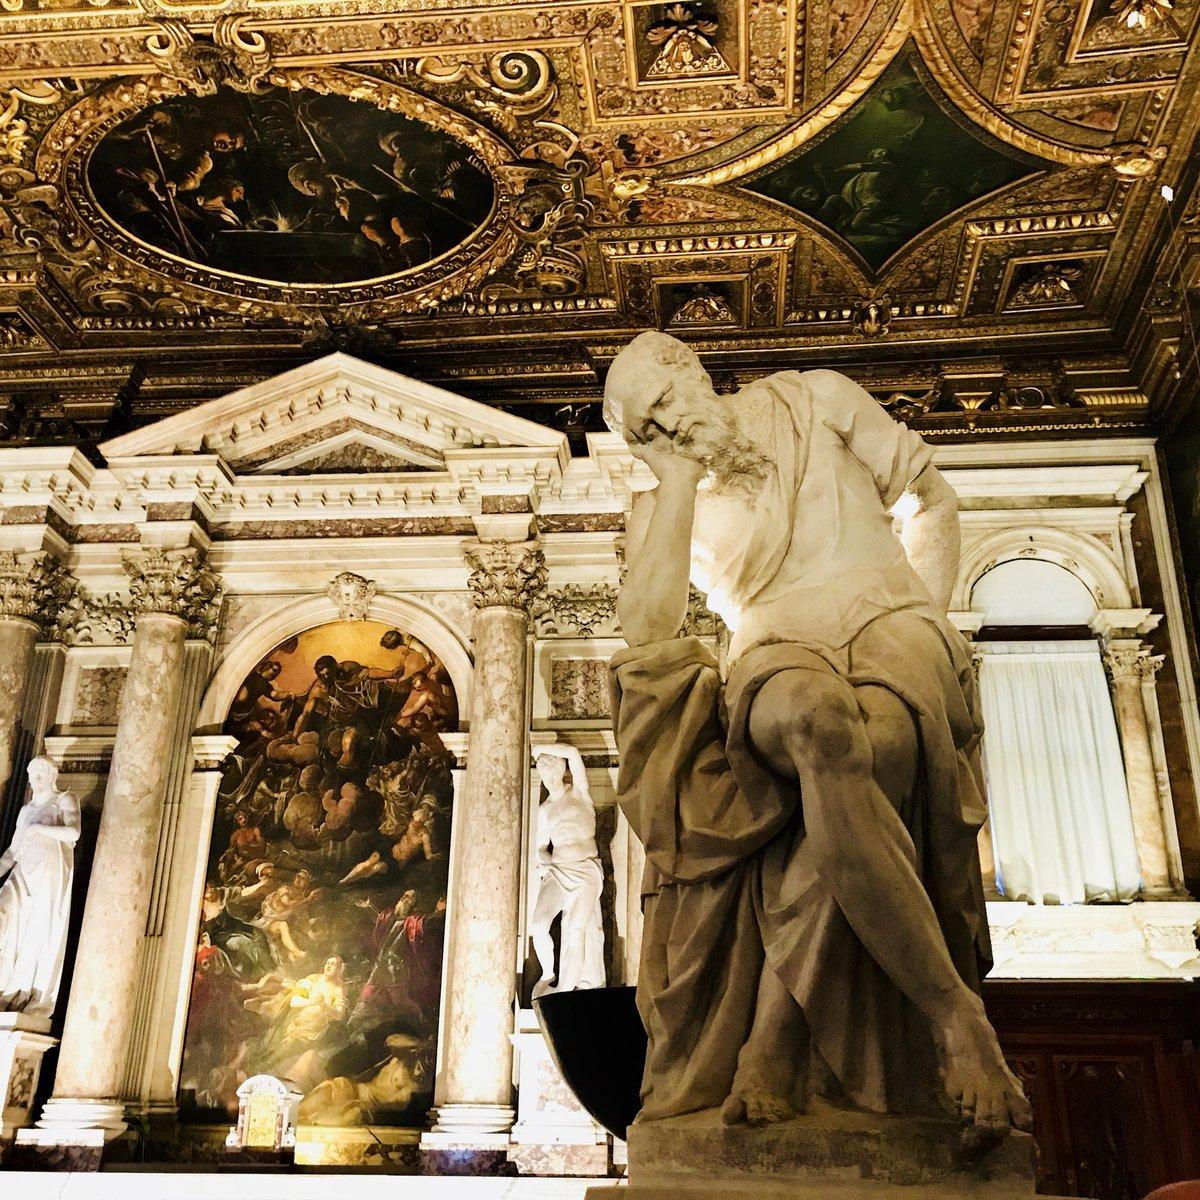 In gita a #Venezia per visitare la #ScuolaGrandediSanRocco per la festa di #SanRocco On a trip to #Venice to visit the Scuola Grande di San Rocco on the feast day of #SaintRoch #arte #art #Italia #Italy #history #storia@TurismoVeneto @VEeLagunaUNESCO  - Ukustom